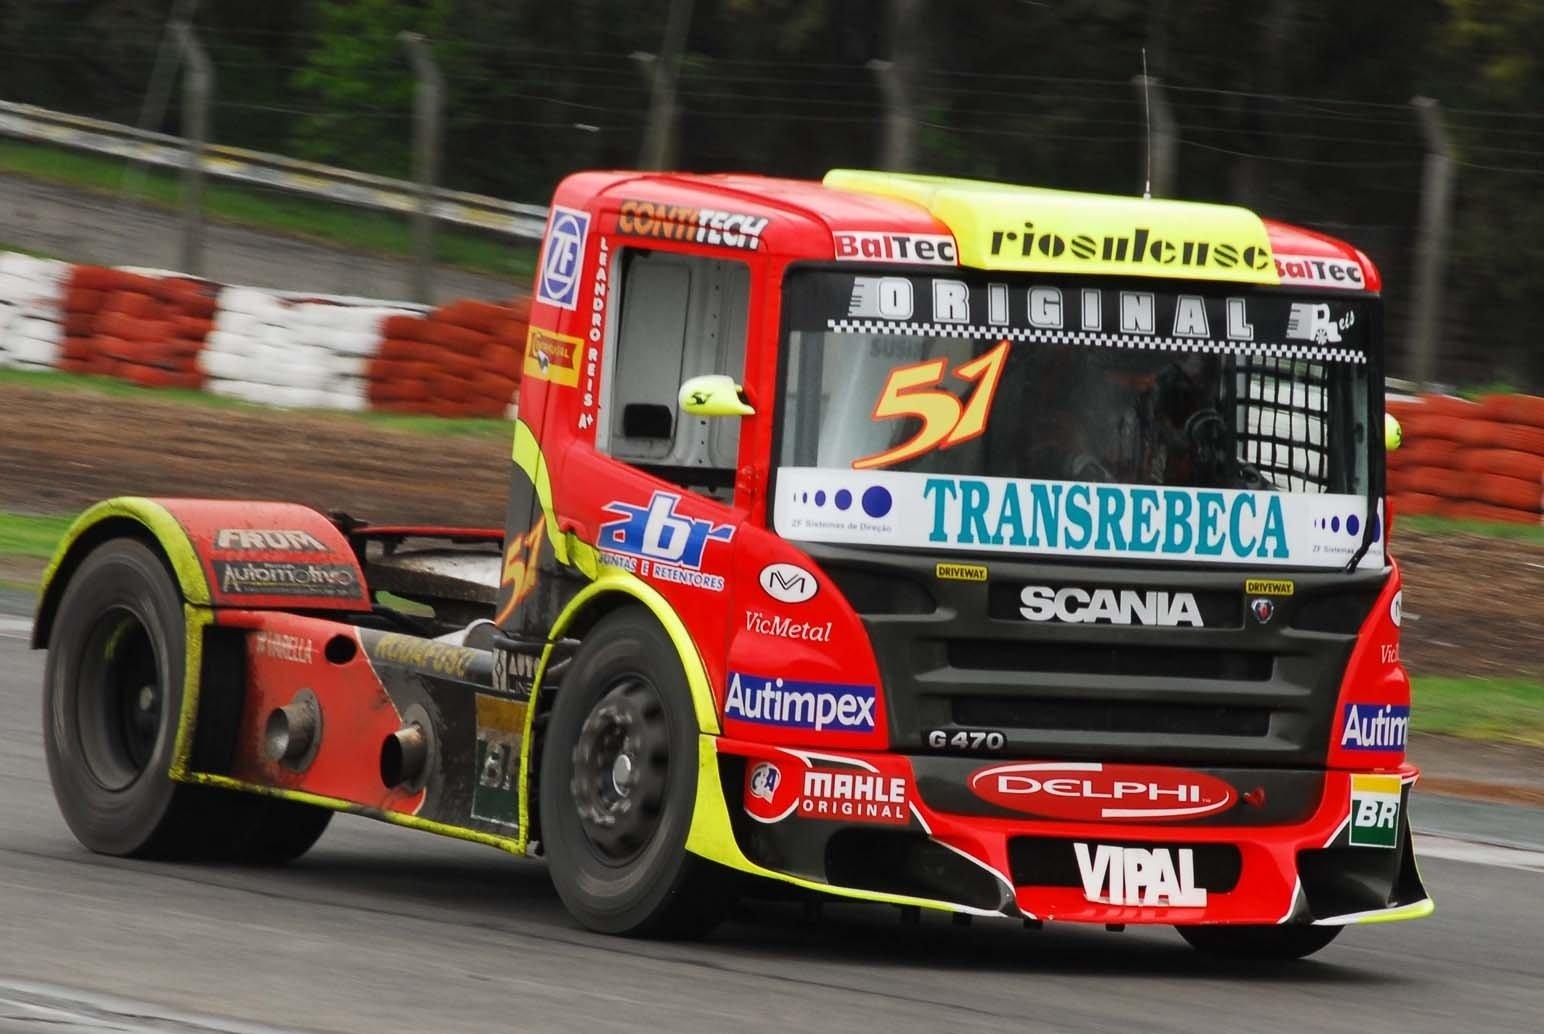 Dos camiones de carreras